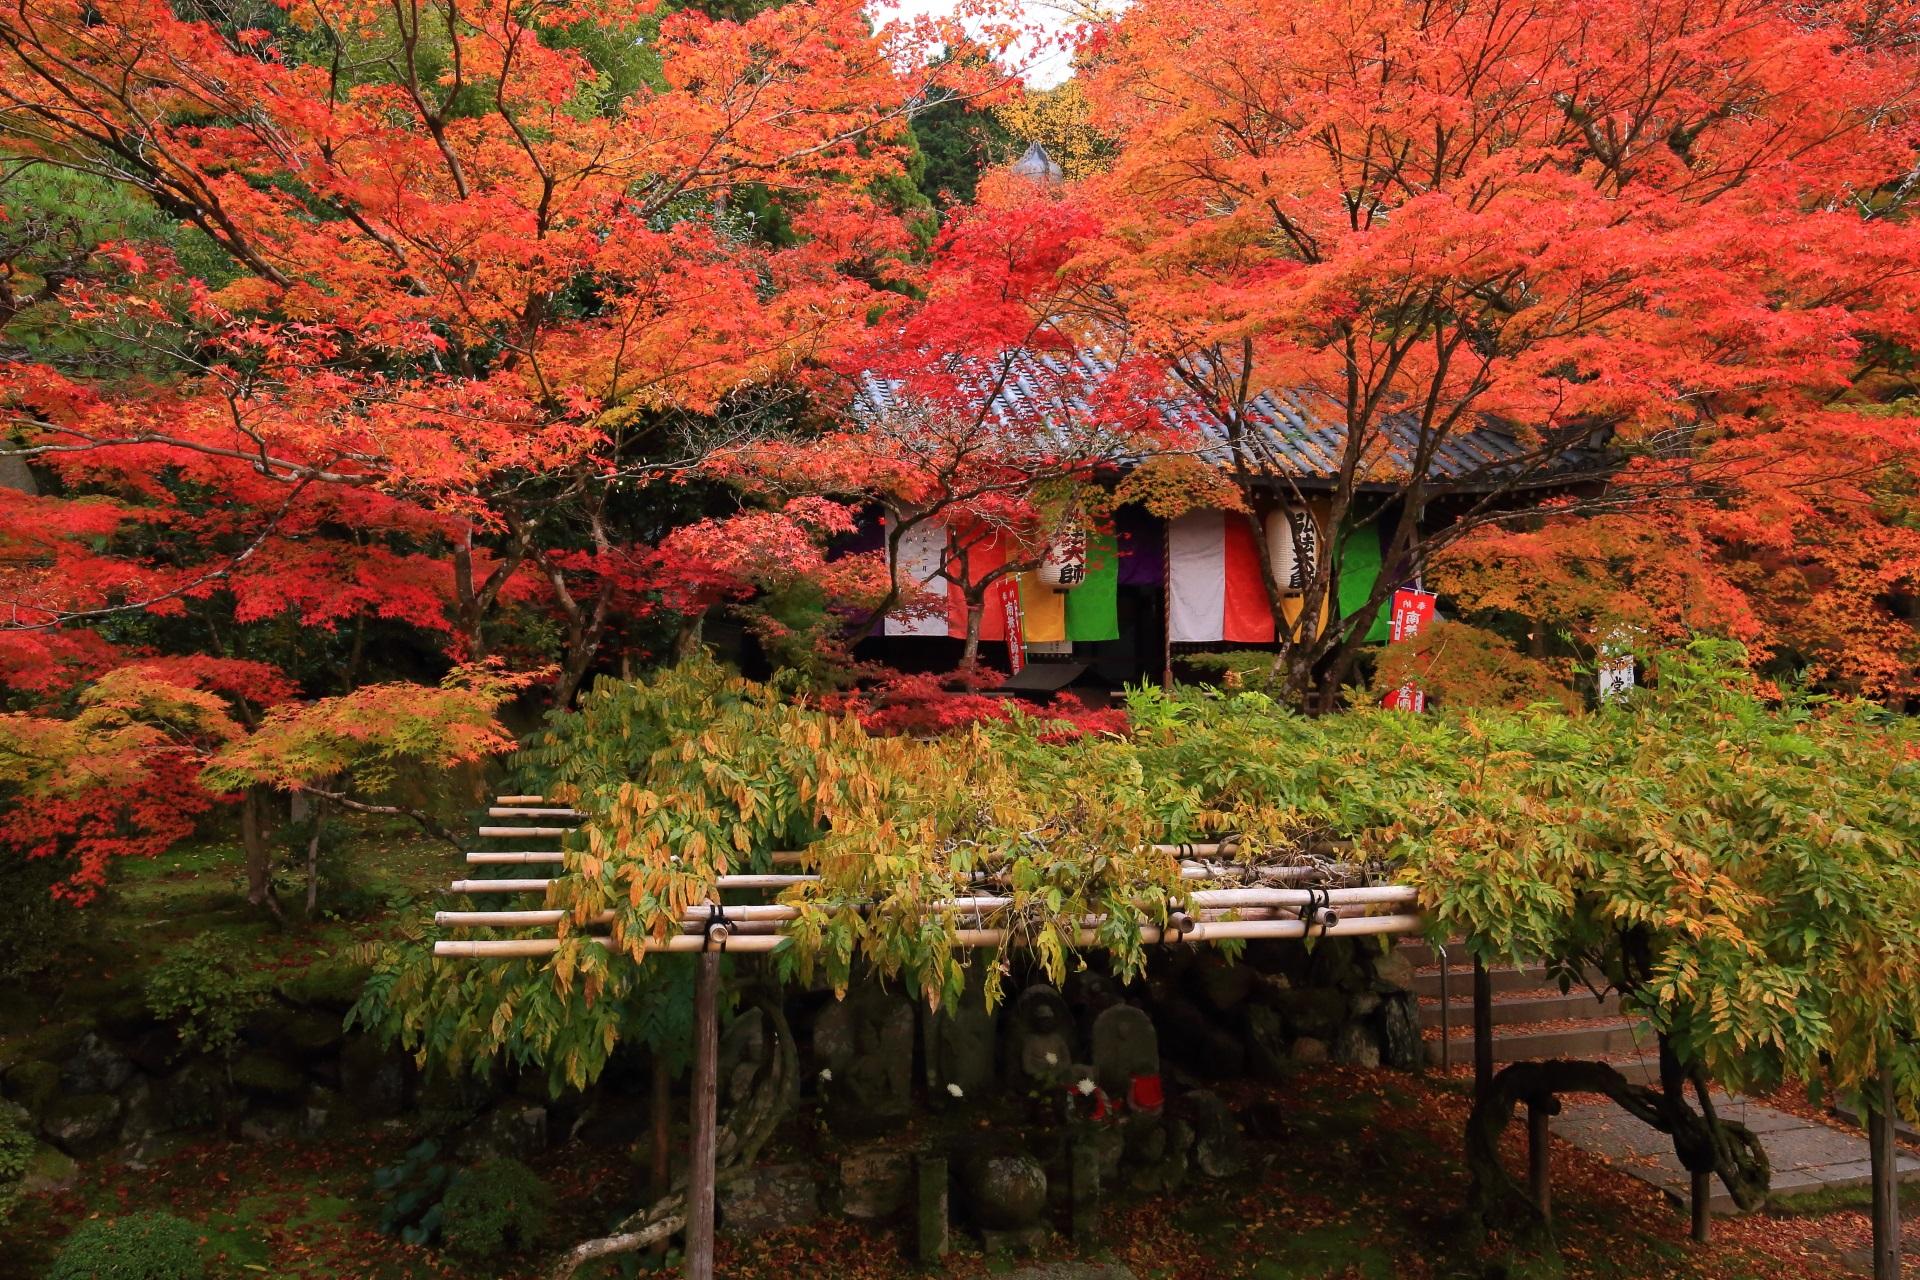 燃えるような鮮やかな色合いの紅葉